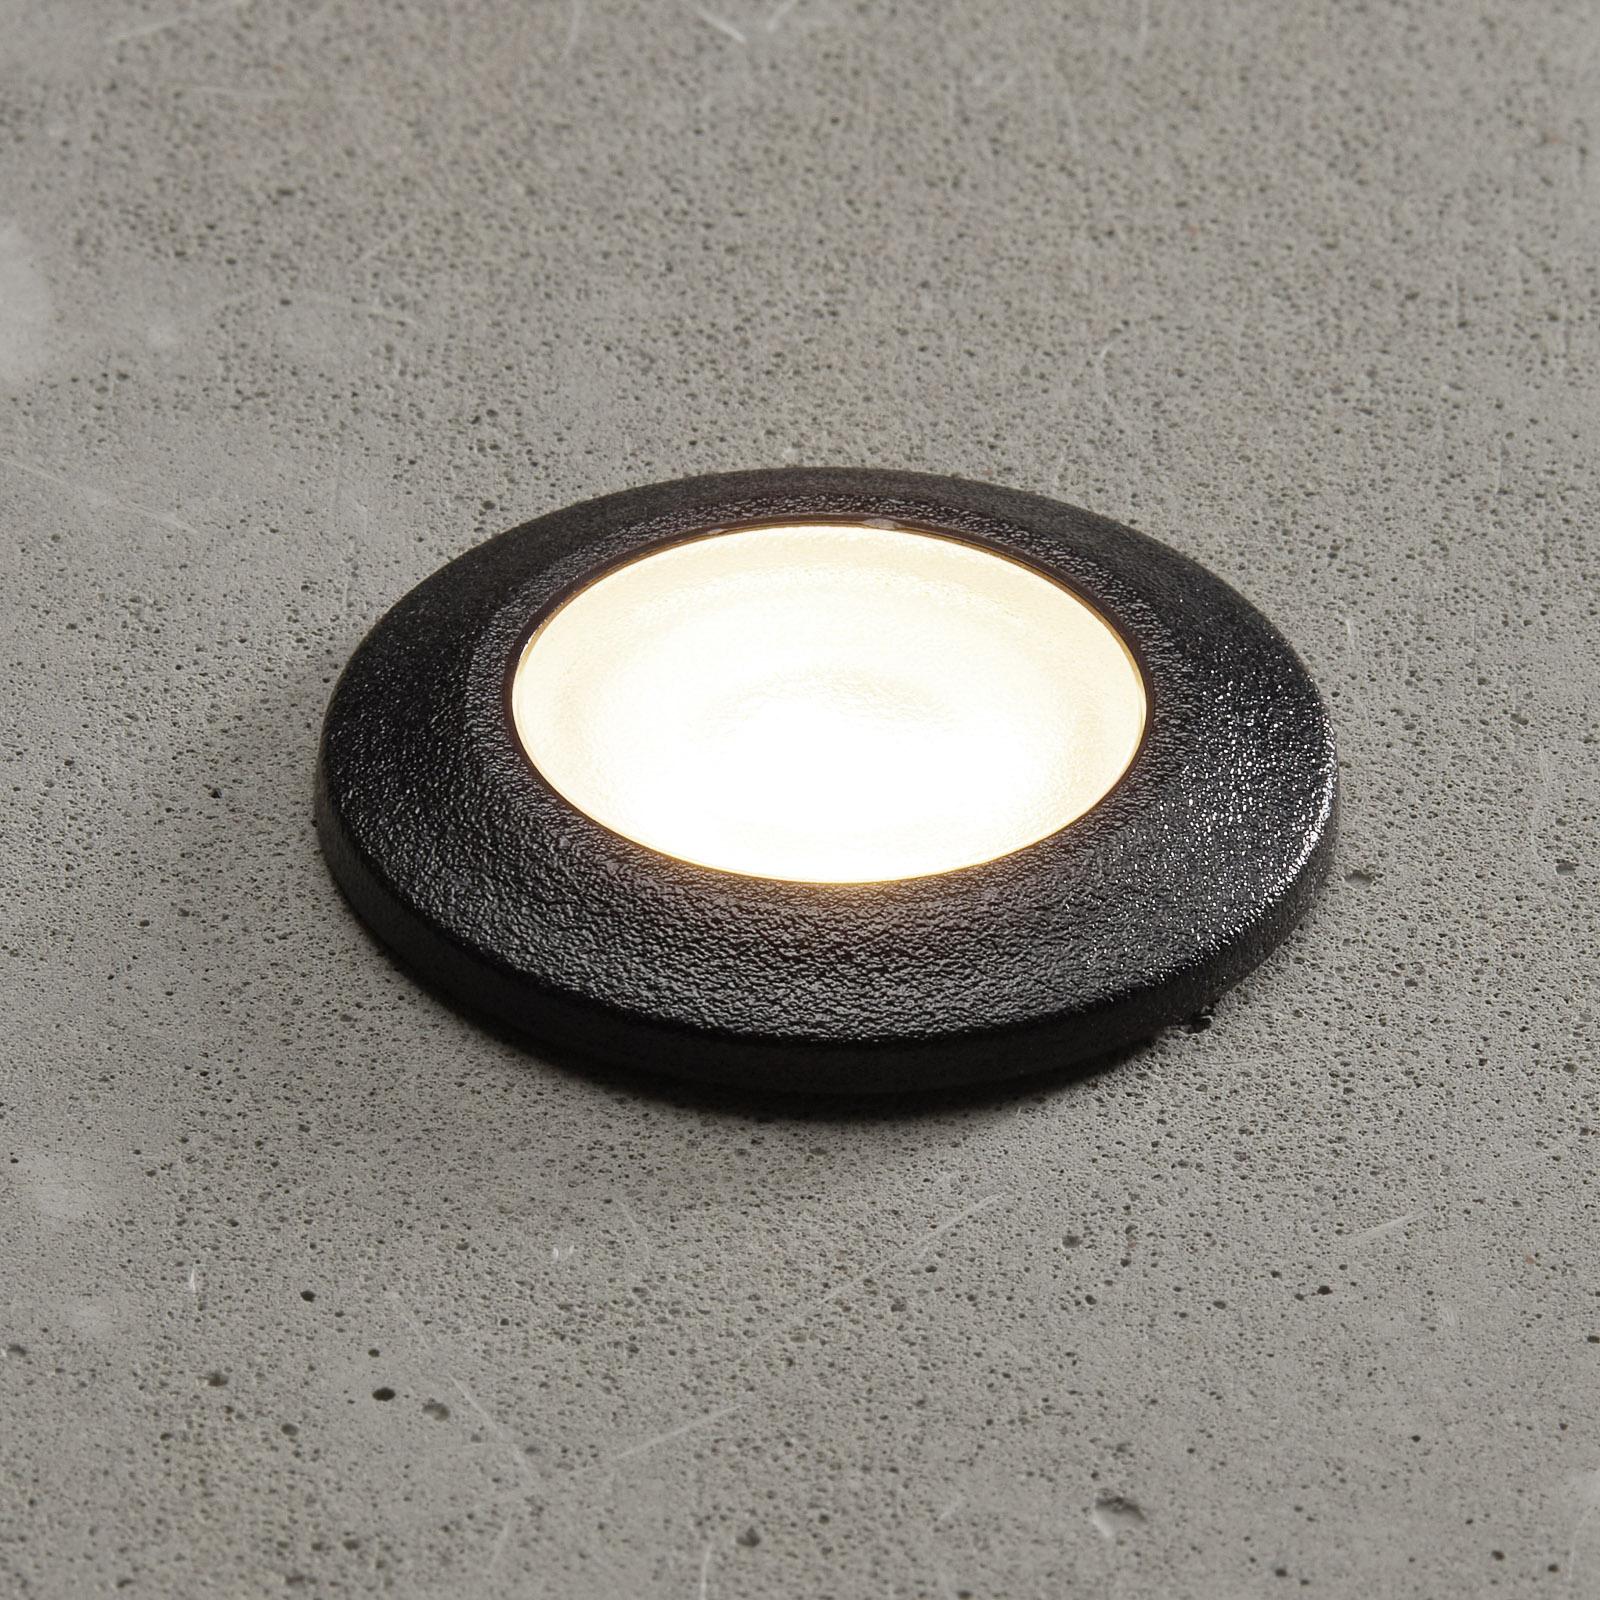 LED-innfellingslampe Aldo rund svart/klar 3000K